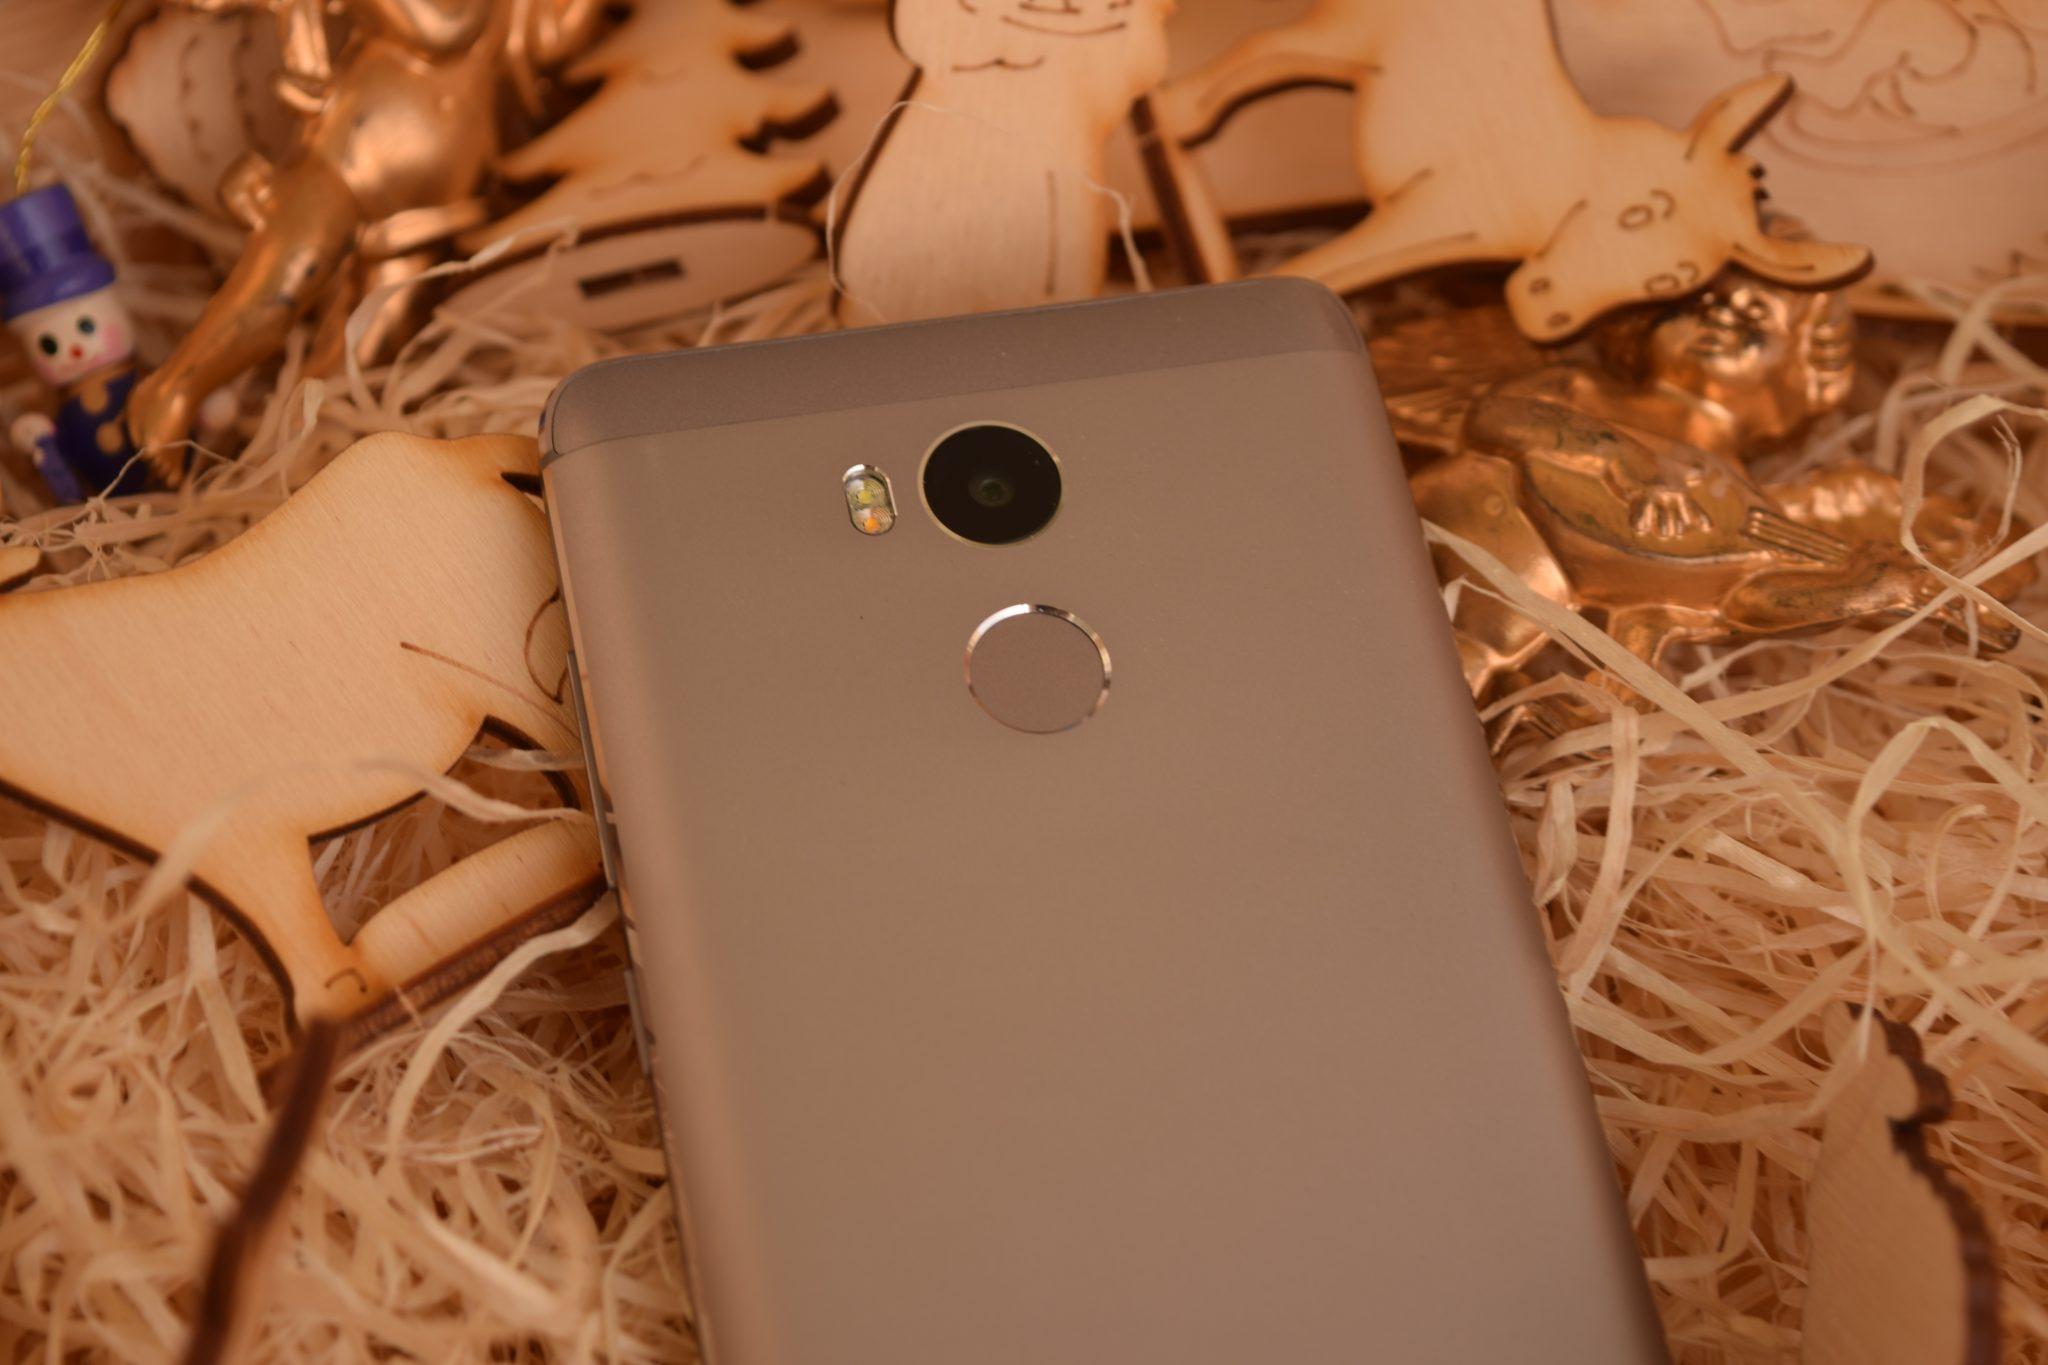 Dnes se podváme na podrobnou recenzi smartphonu od čnské společnosti Xiaomi respektive na nov½ model Redmi 4 Pro kter½ byl představen na konci loňského